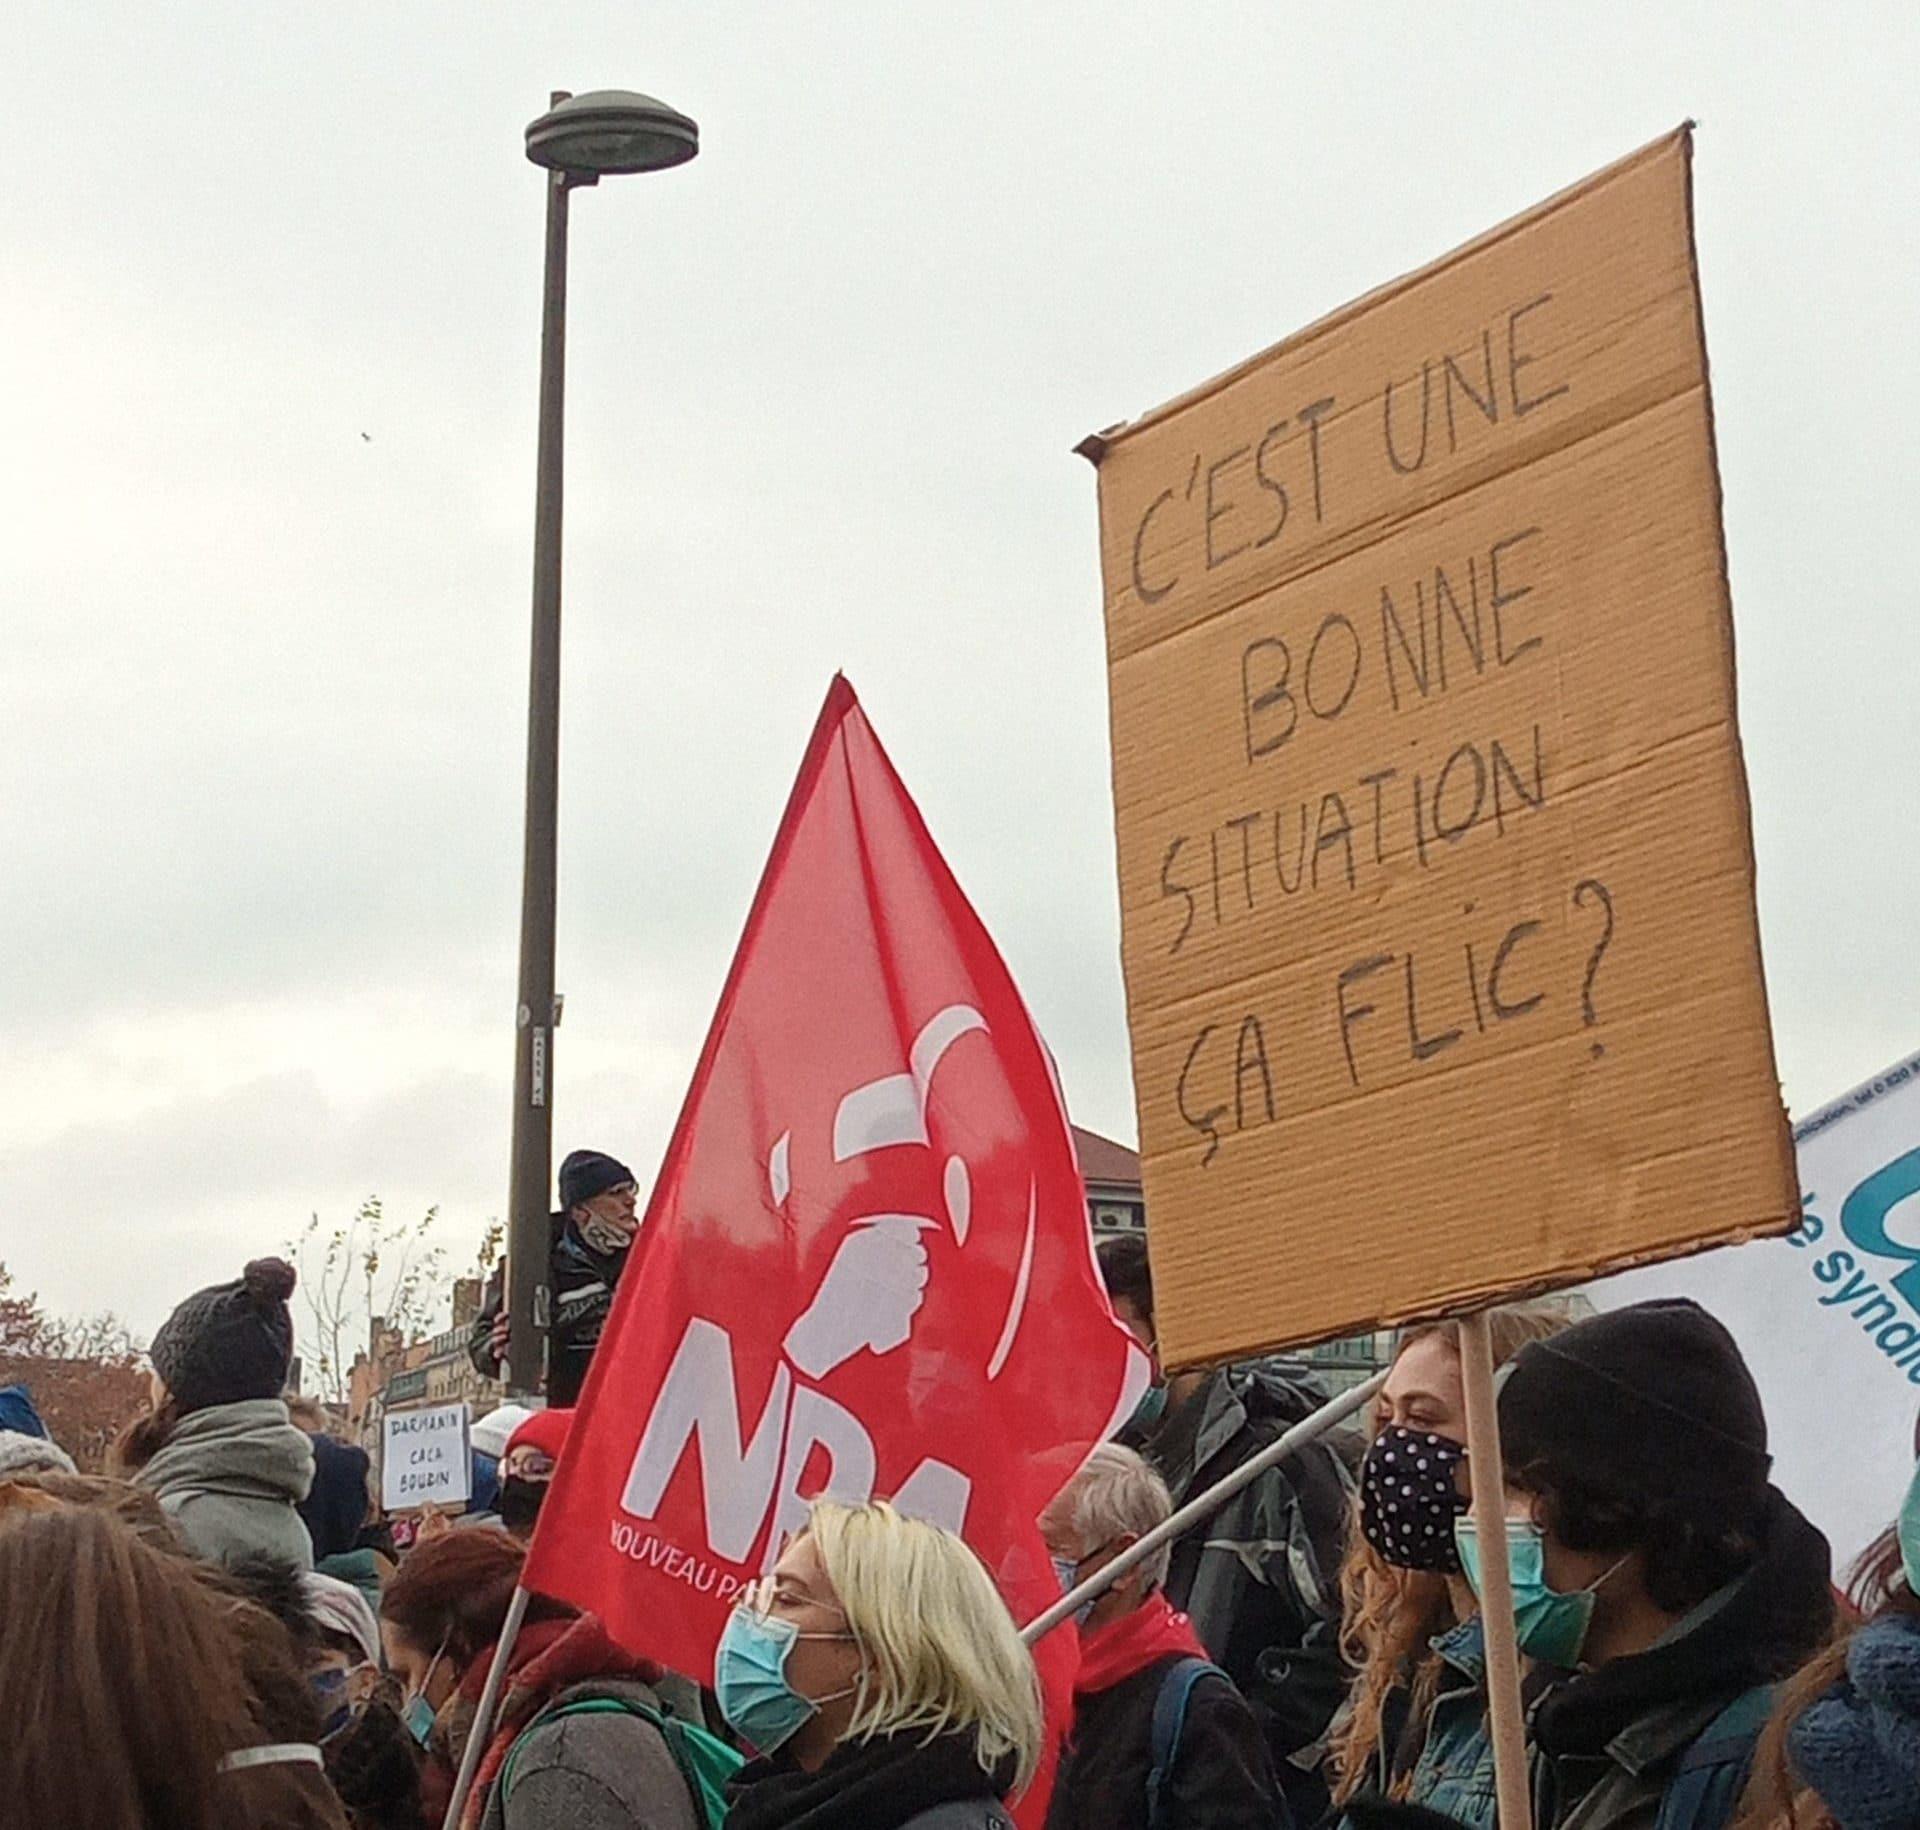 Les manifestants affichent des slogans avec des références multiples. Ici, « C'est une bonne situation, ça, flic ? » en référence au film Astérix : Mission Cléopâtre. ©CR/Rue89lyon